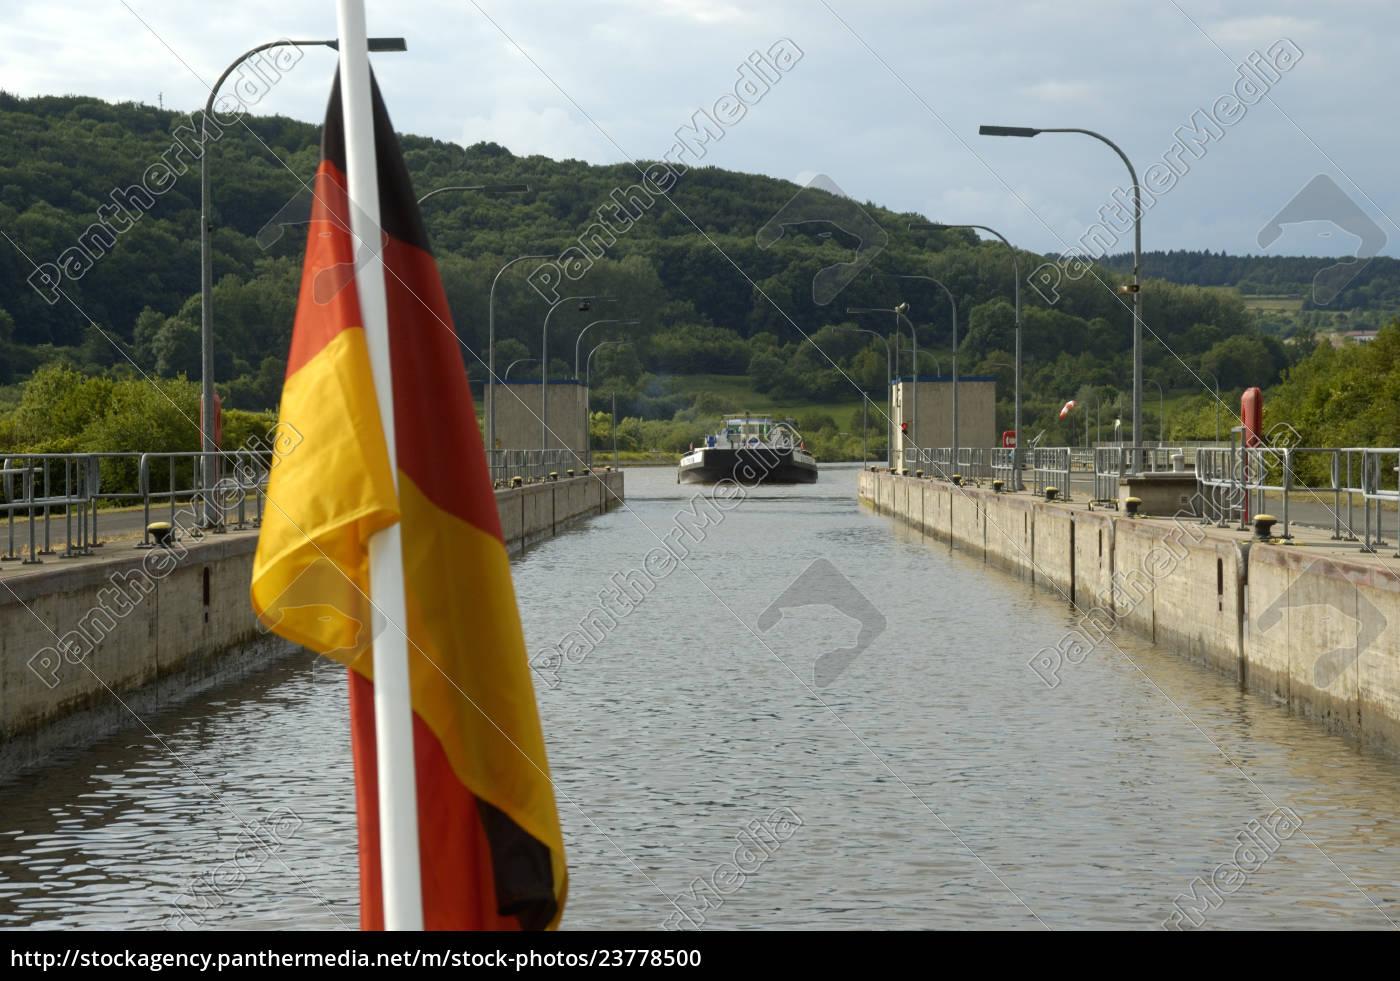 niemiecka, flaga, narodowa, przed, zamką, z - 23778500